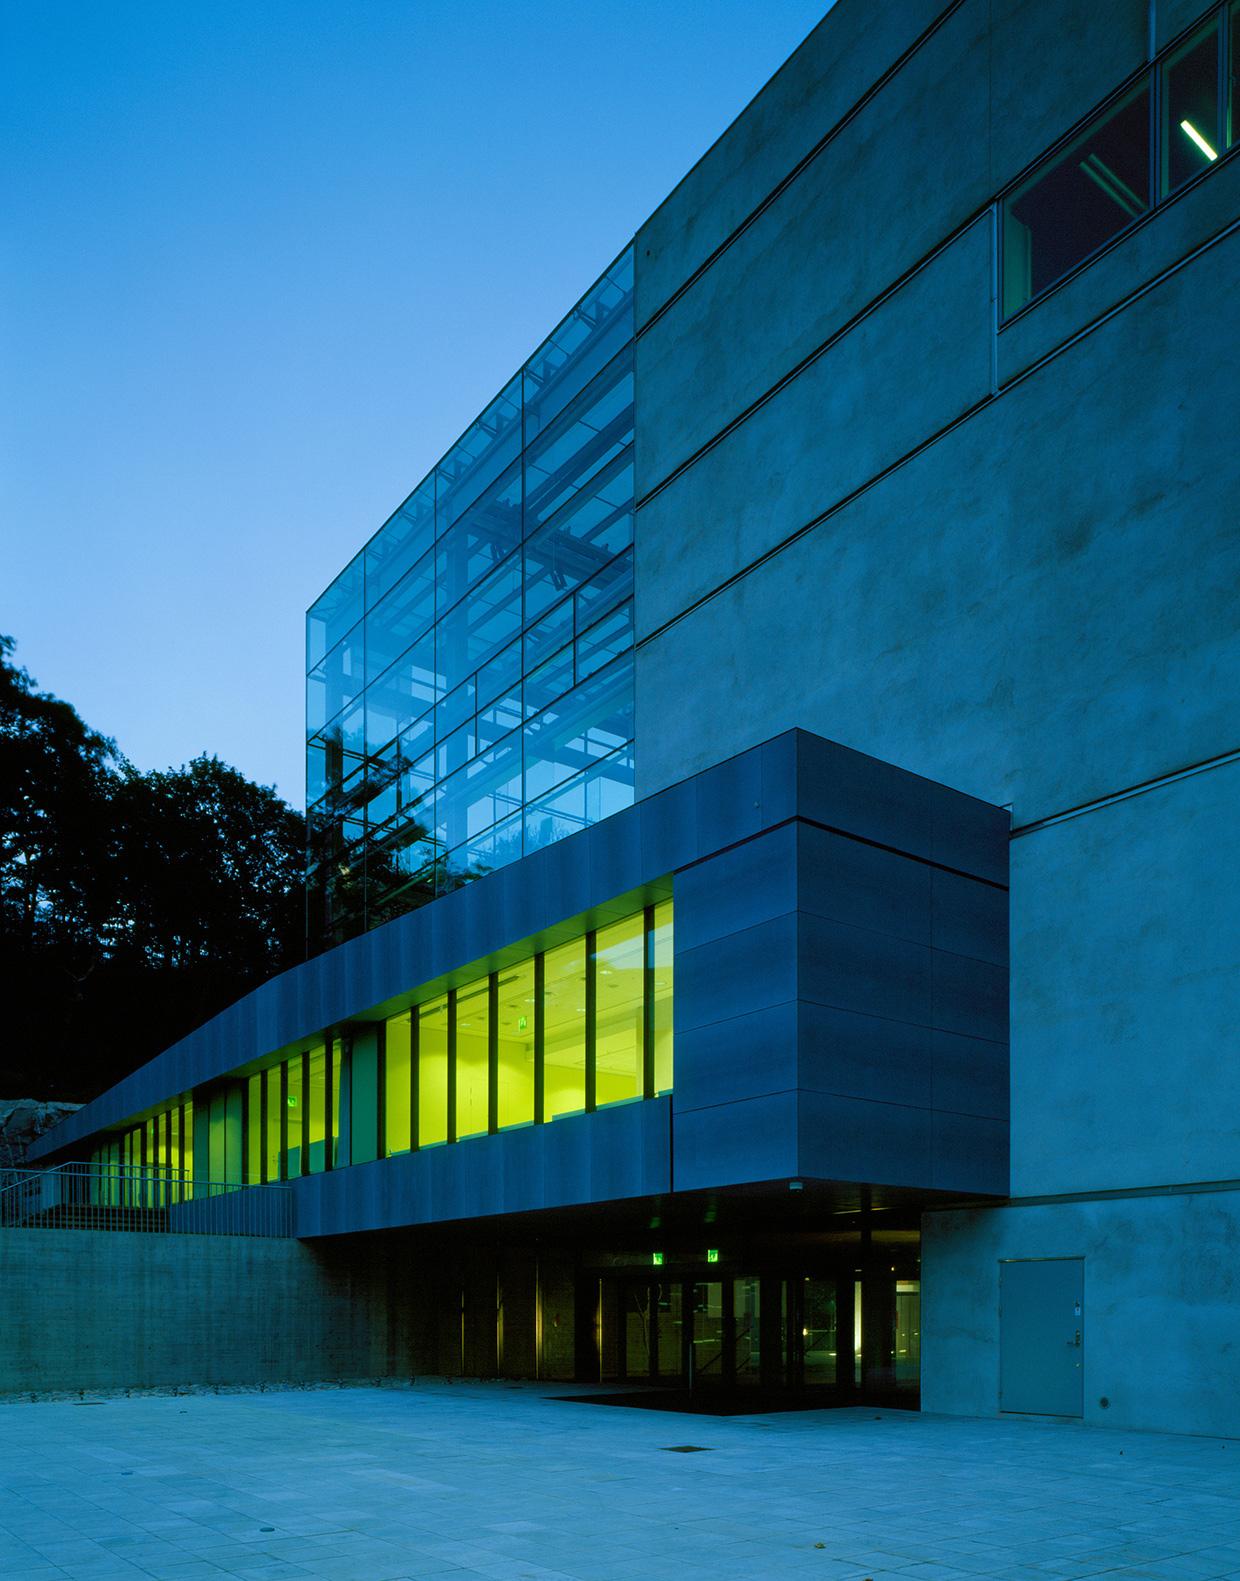 helene binet museum of world culture